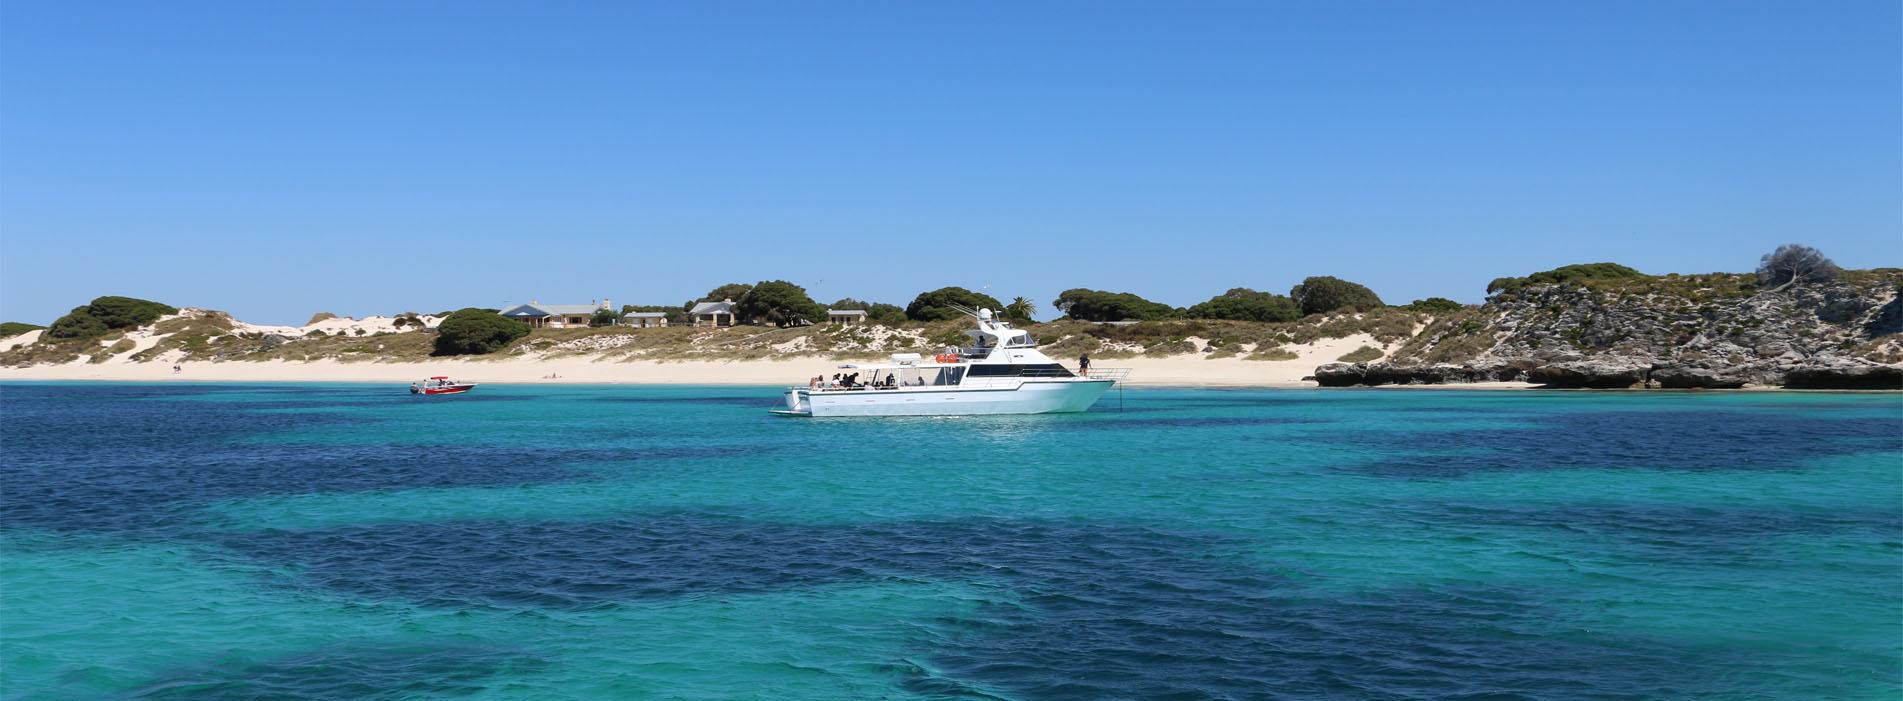 ROTTNEST thompson bay boat